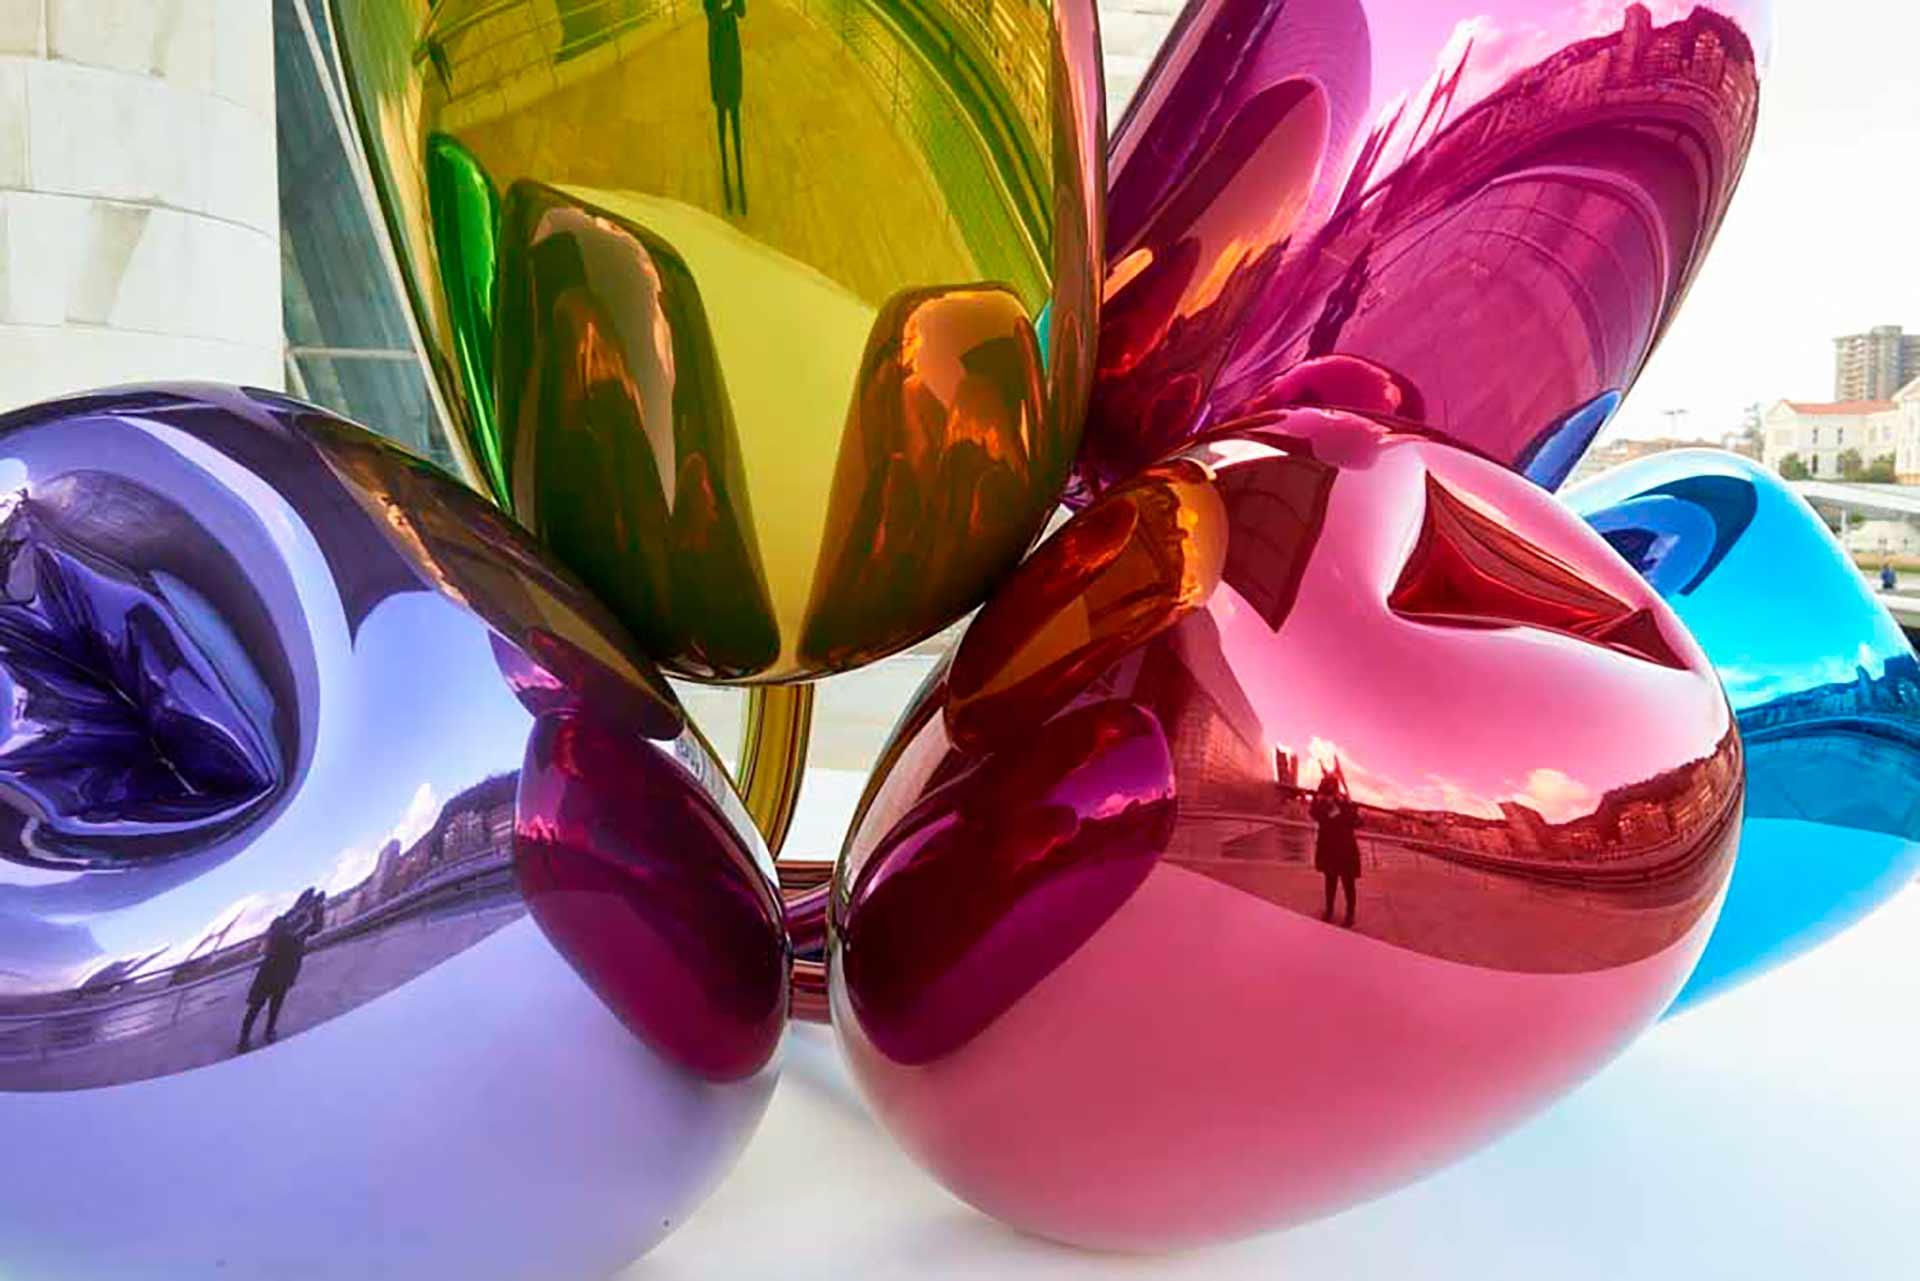 006Koons Tulips